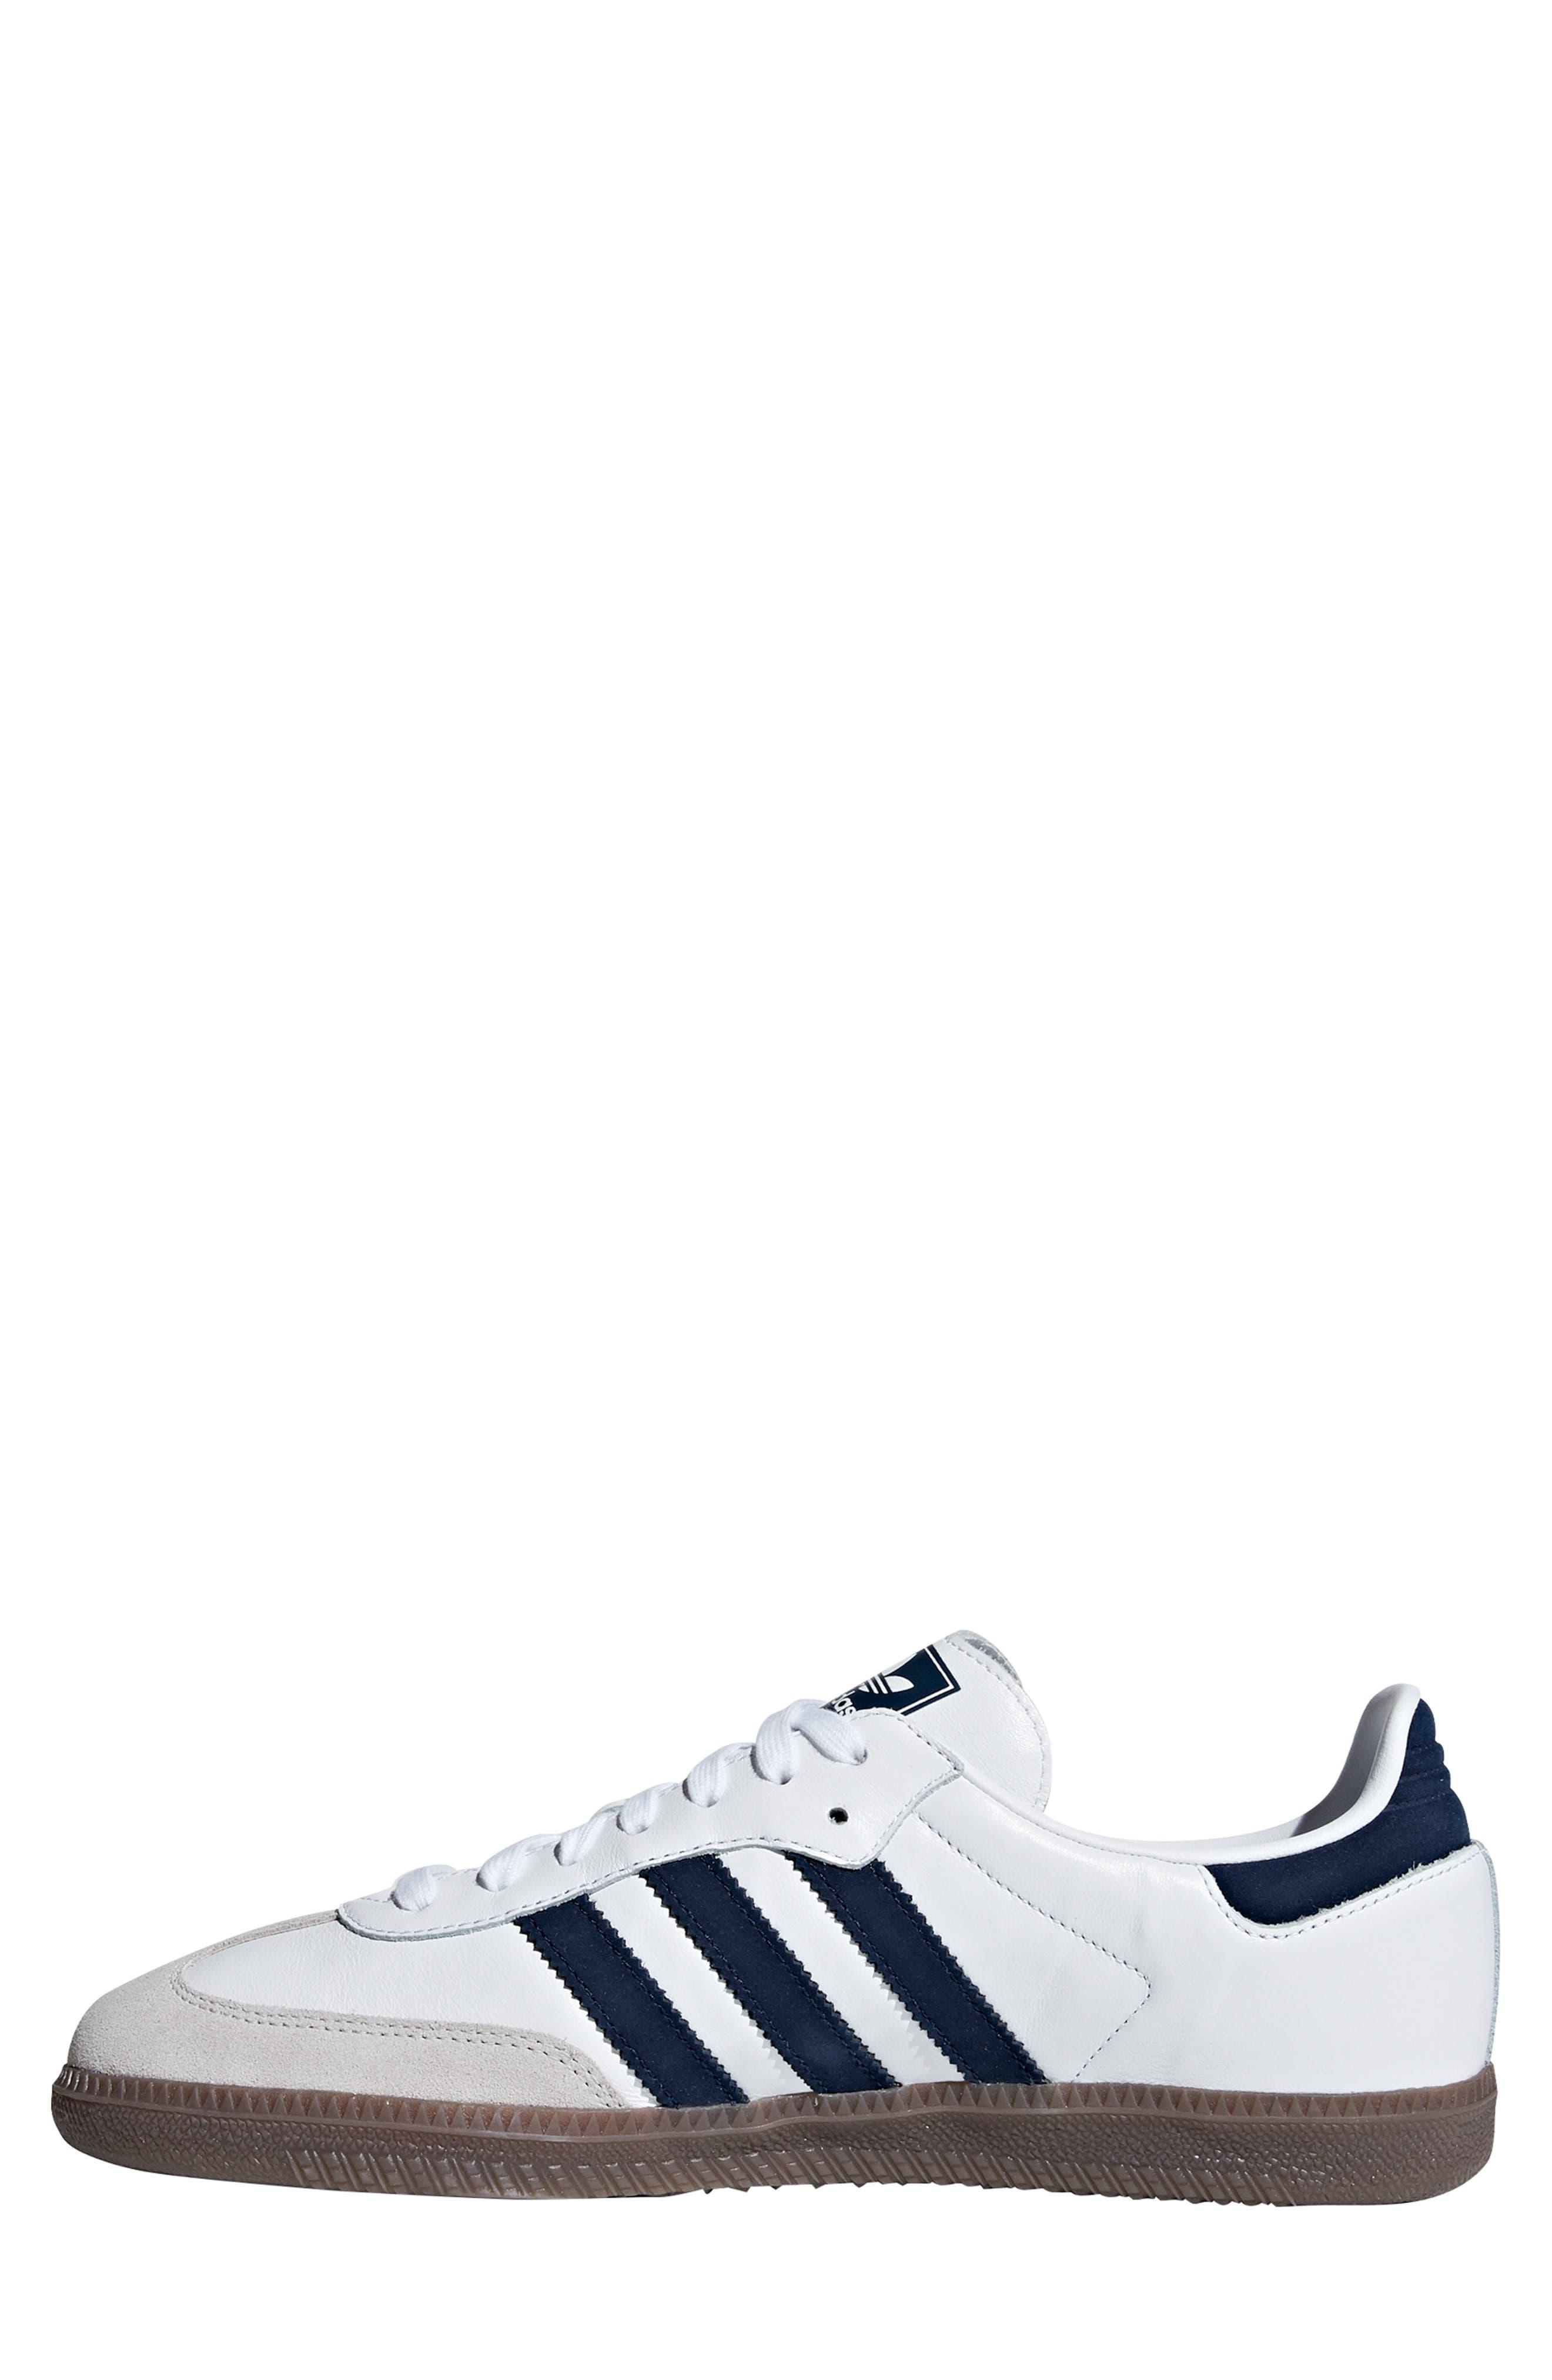 Samba OG Sneaker,                             Alternate thumbnail 8, color,                             WHITE/ NAVY / CRYSTAL WHITE